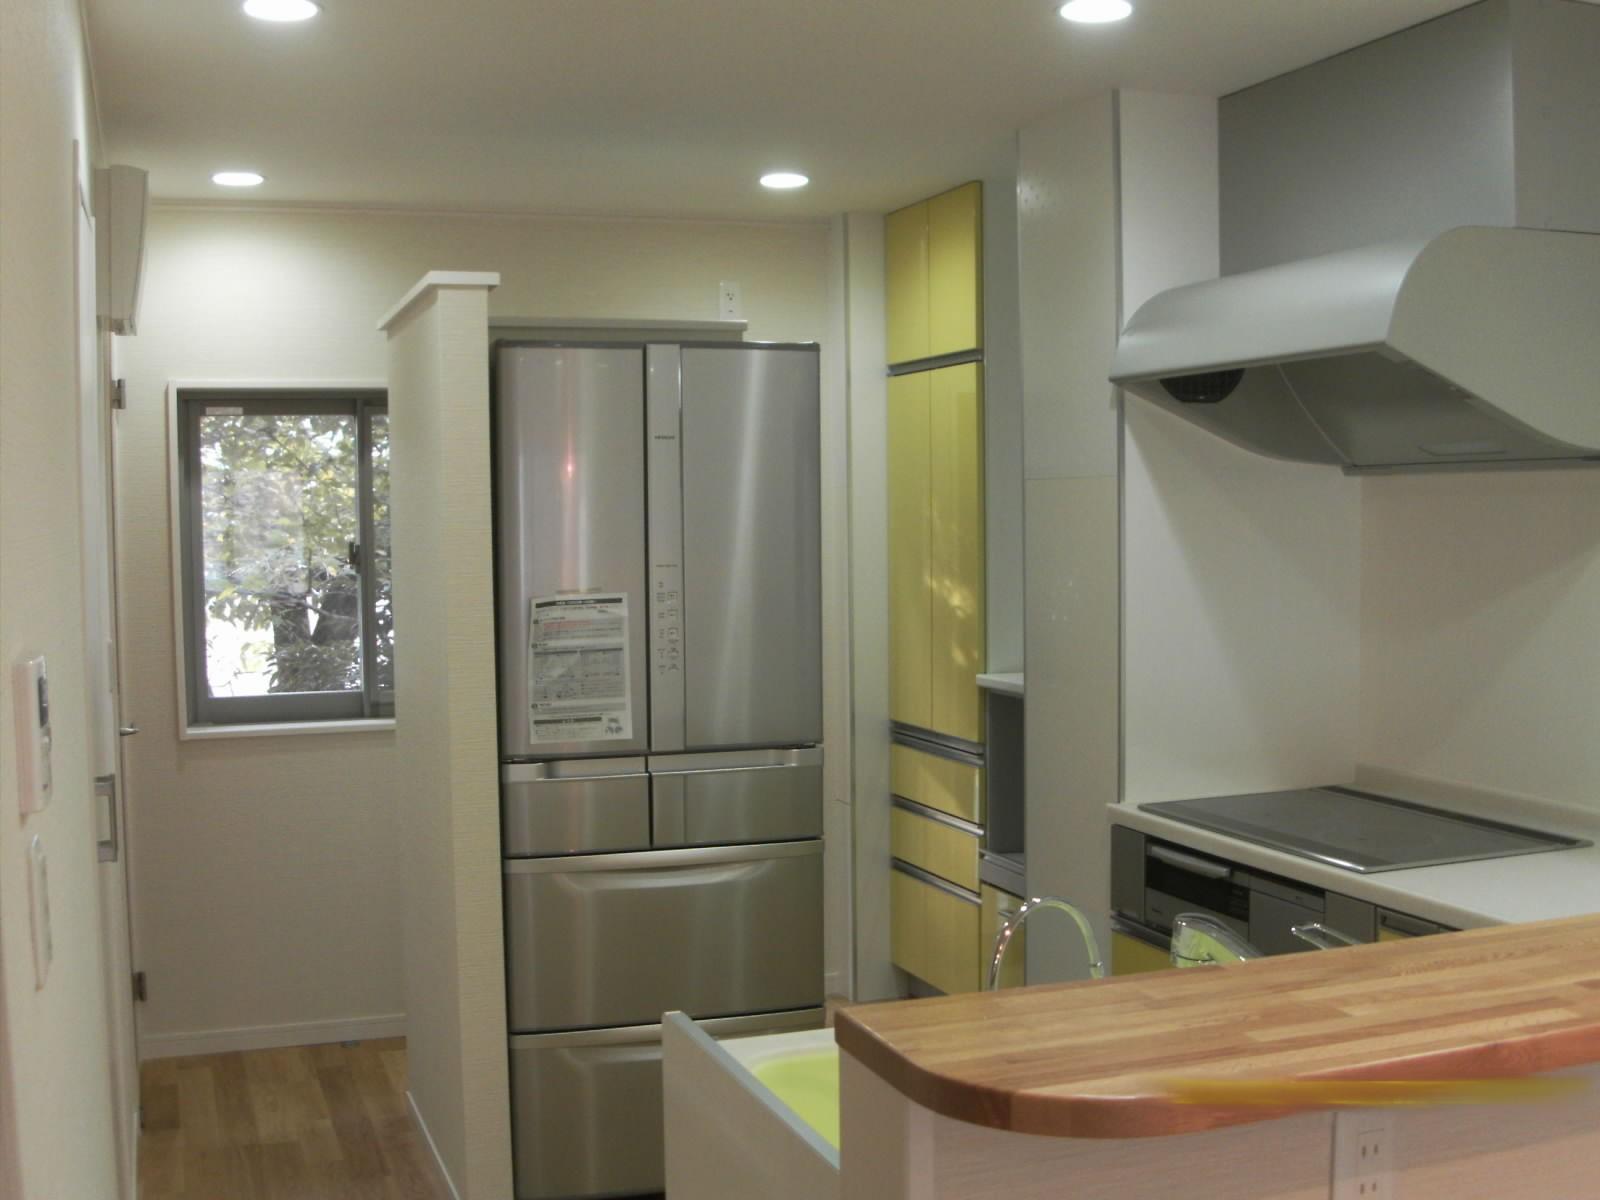 黄色の扉で気分も明るくなるようなキッチン